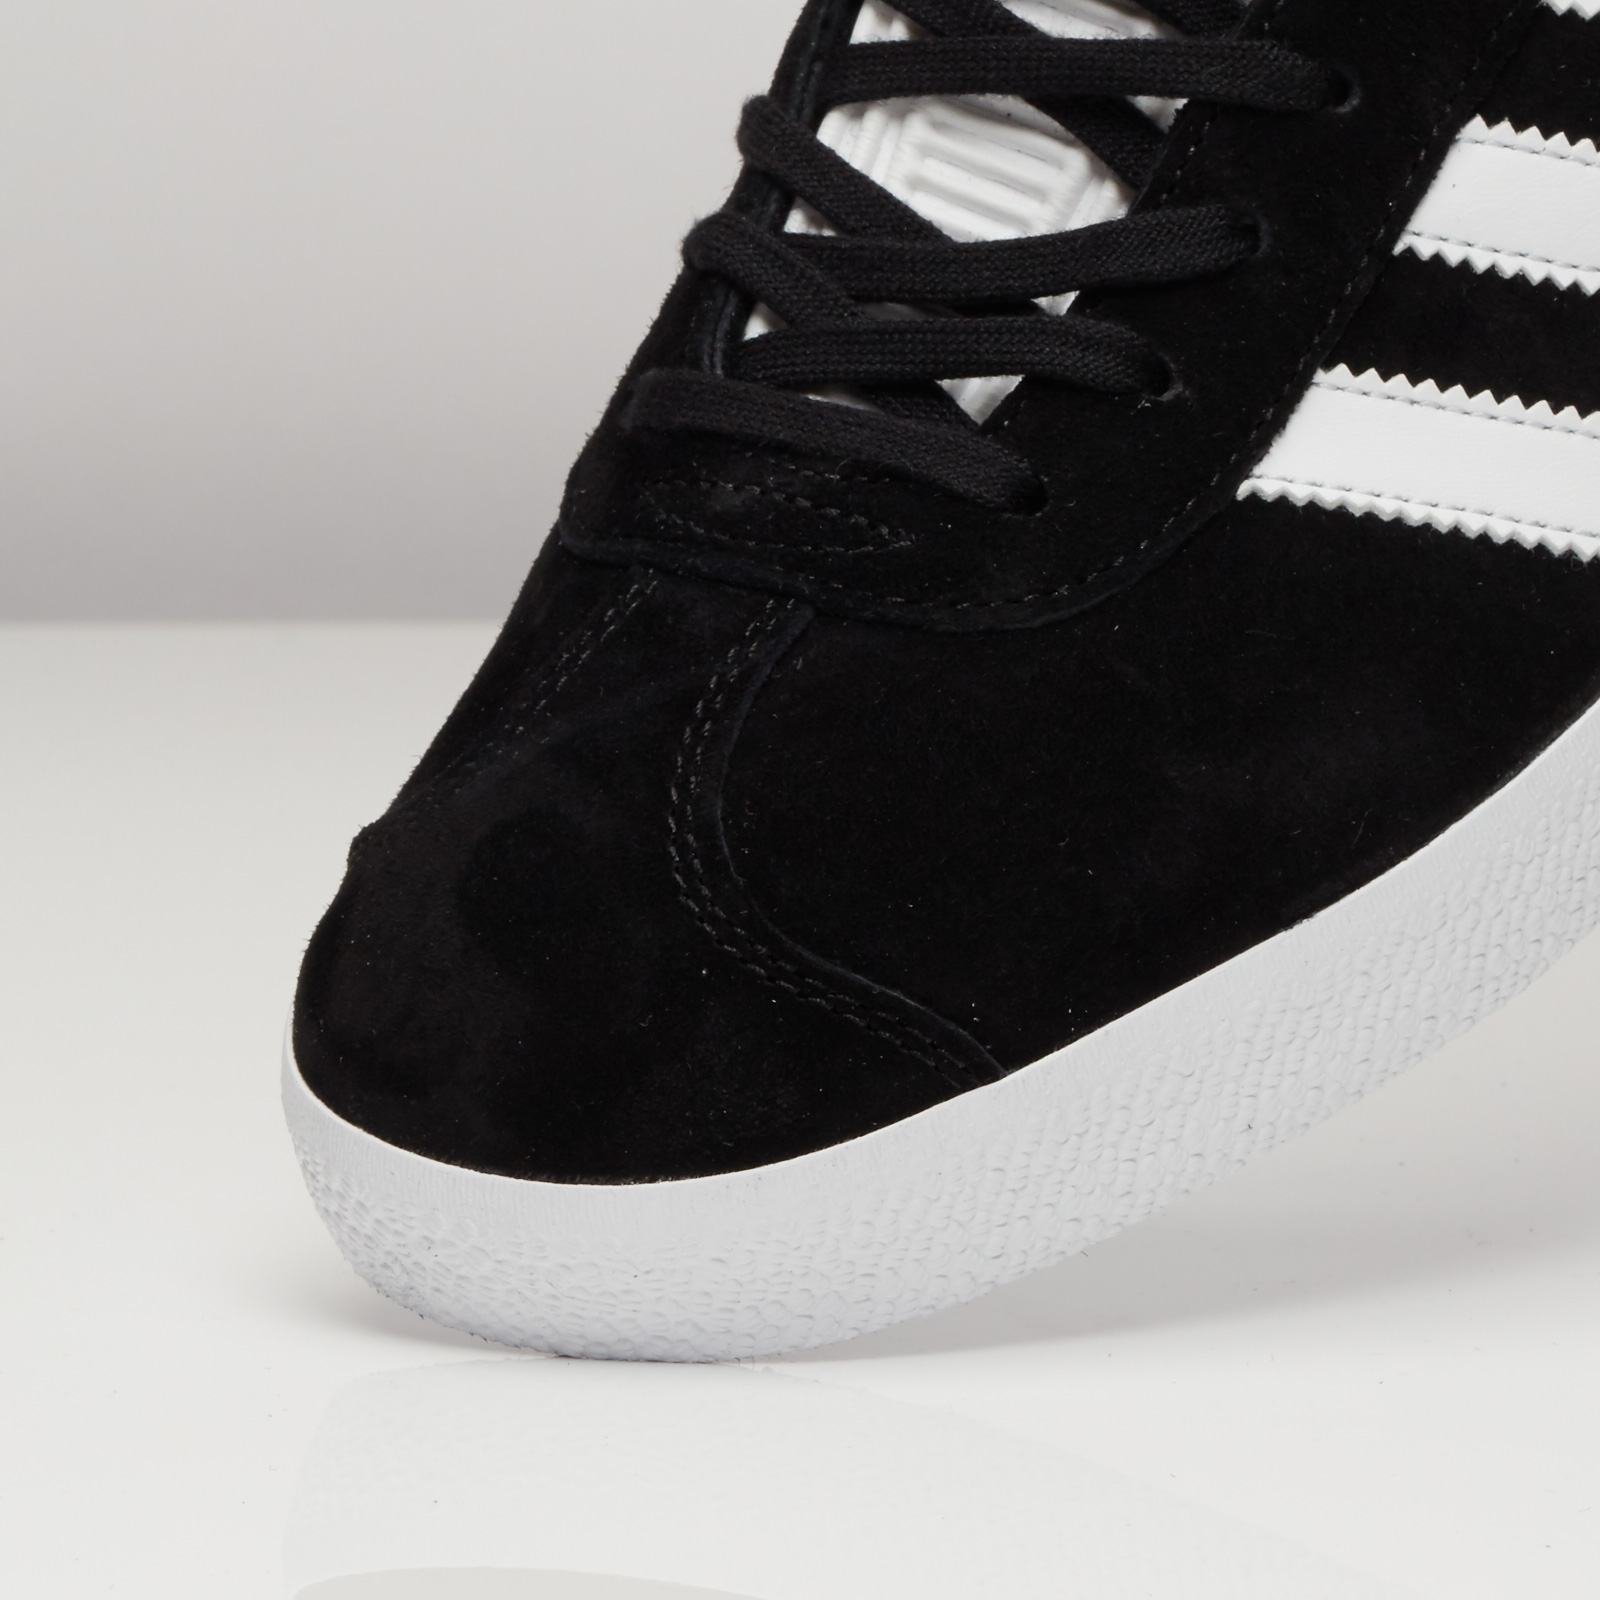 Adidas gazzella bb5476 scarpe da ginnasticanstuff scarpe & streetwear